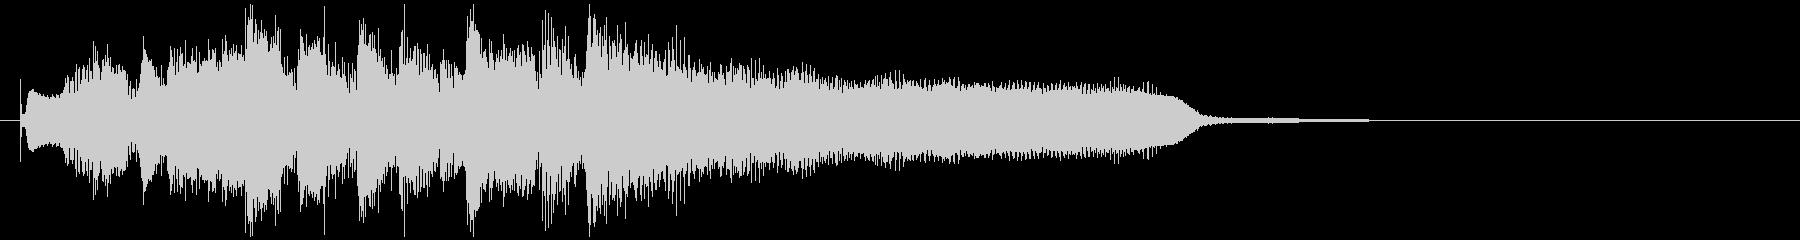 かっこいいテナーサックスのサウンドロゴの未再生の波形